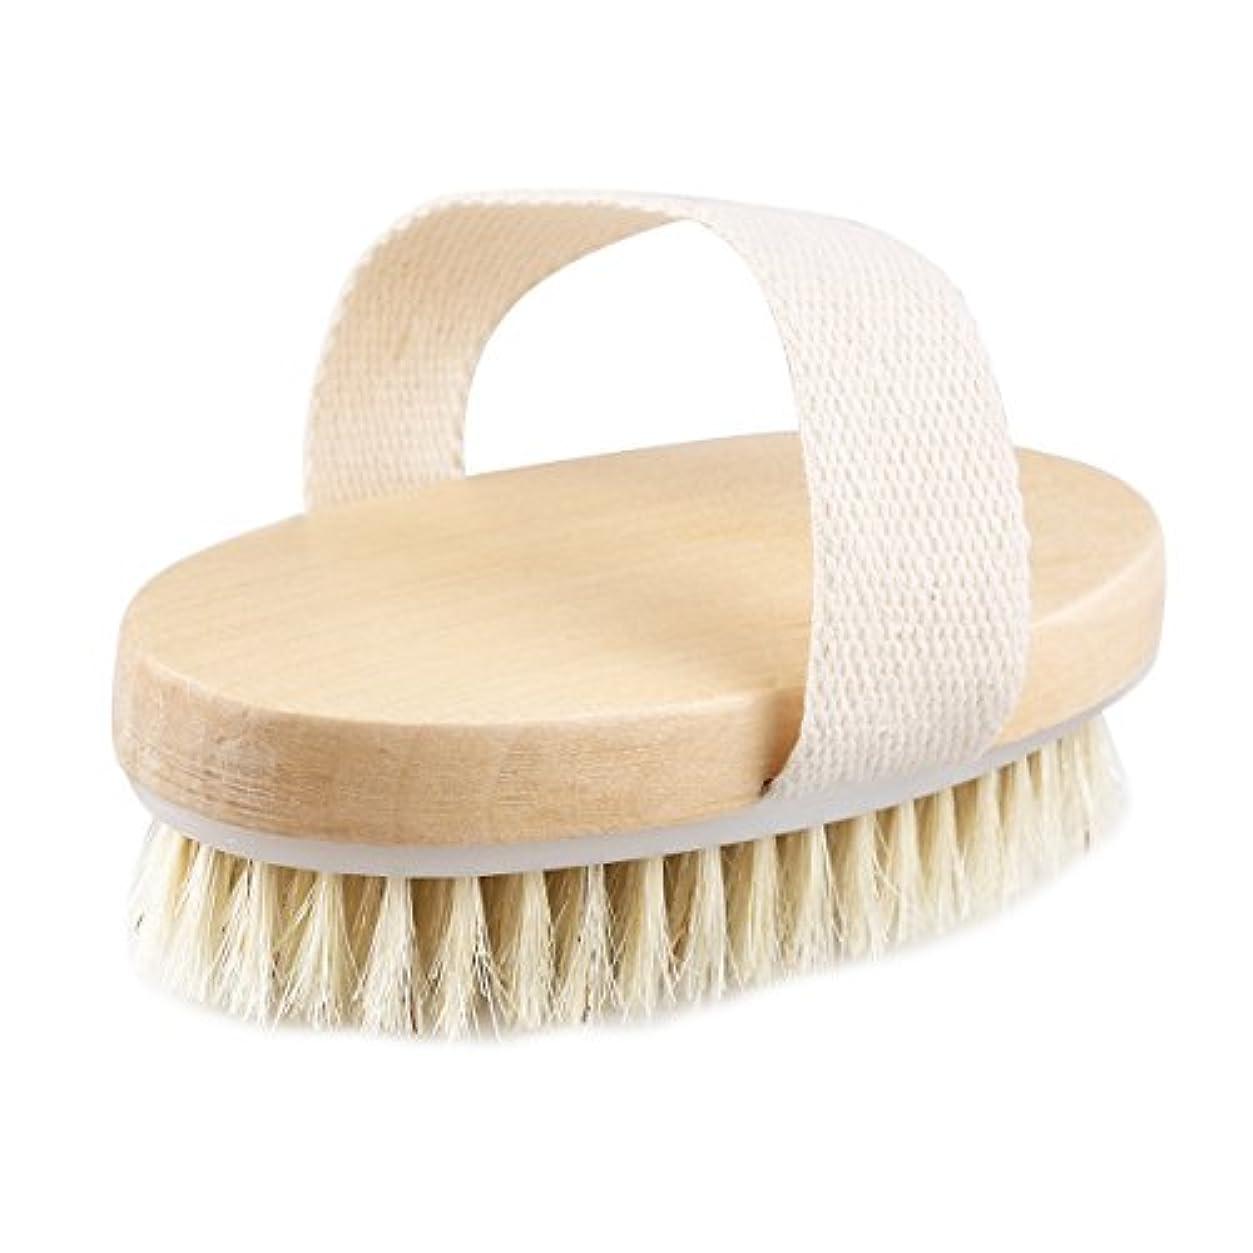 ミルク活性化するポーターTOPBATHY 木の浴室のシャワーの剛毛のブラシのハンドルなしのボディブラシ